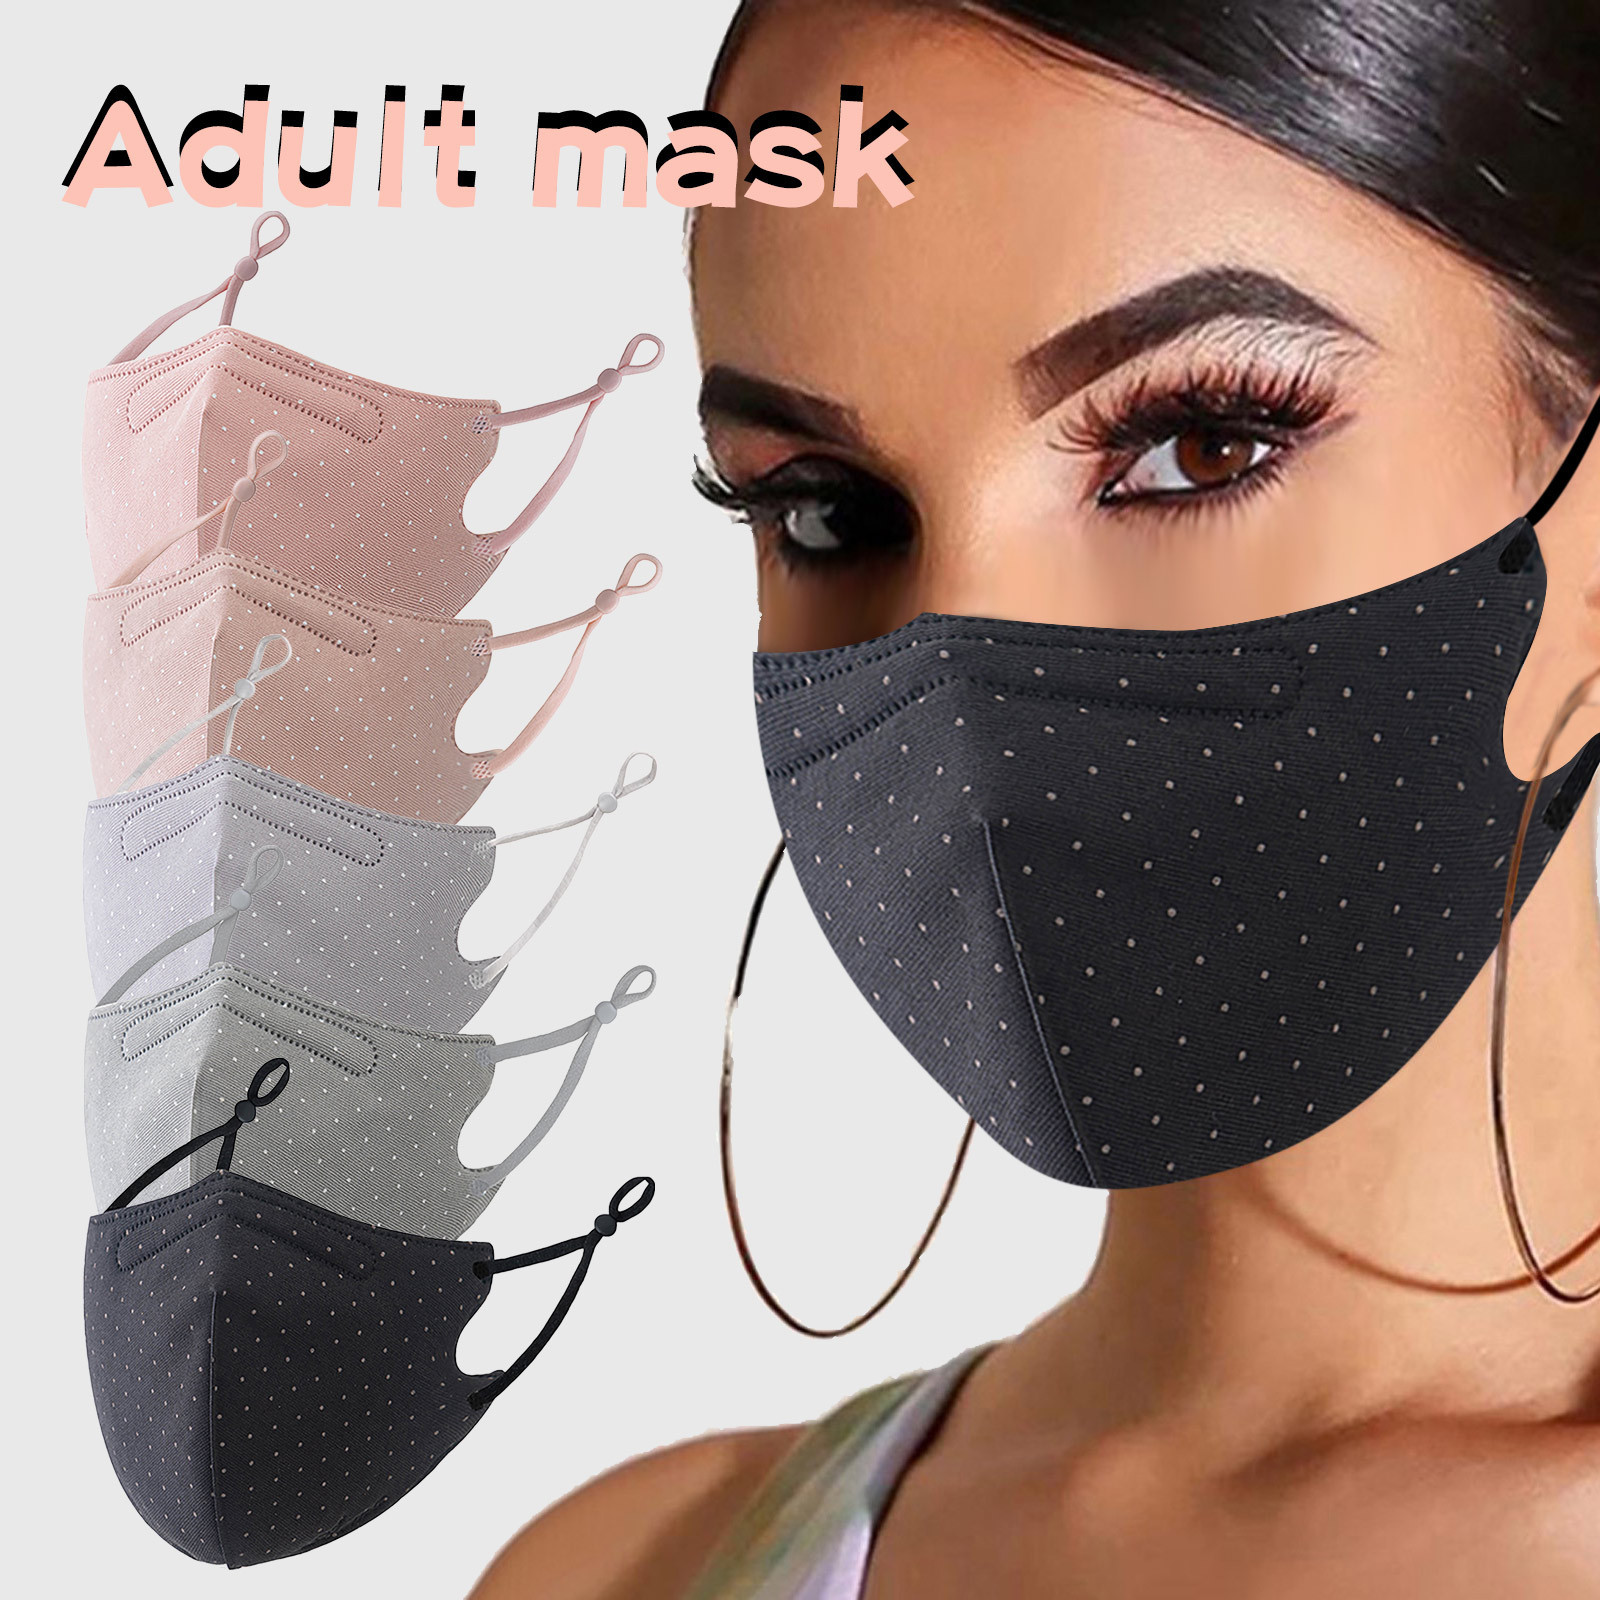 Респиратор многоразовый с принтом в горошек для женщин и взрослых, регулируемая моющаяся защитная маска для лица, 1 шт.